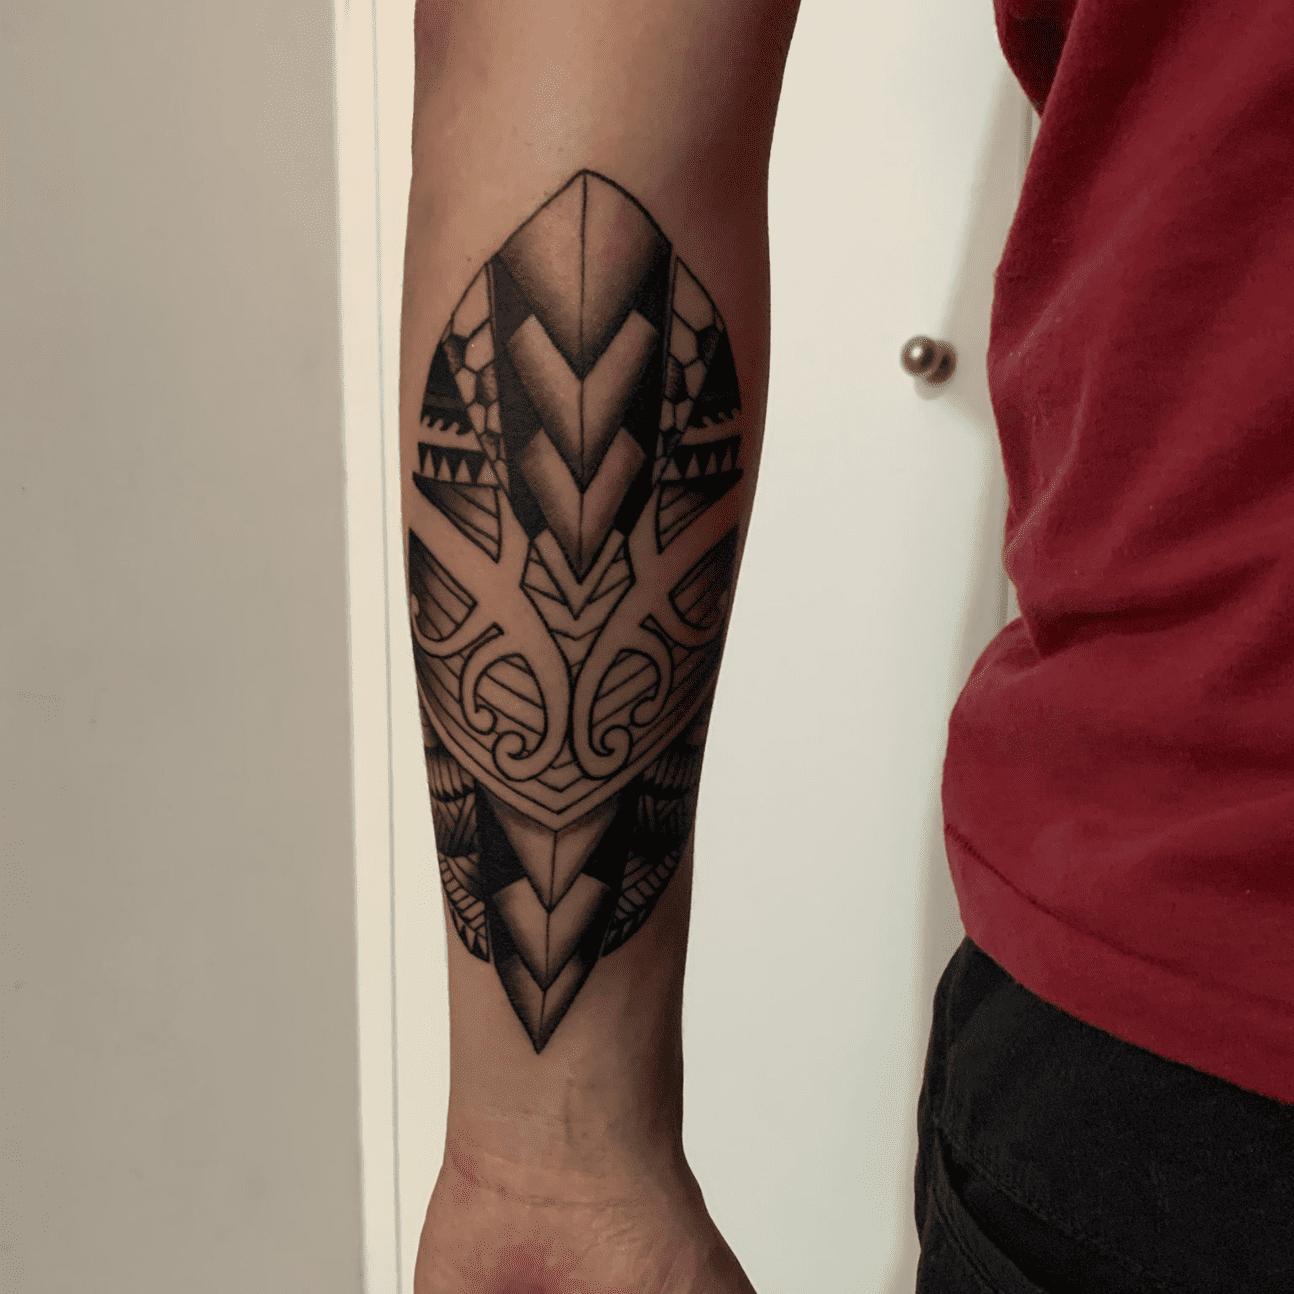 Tatuaggio maori avambraccio uomo